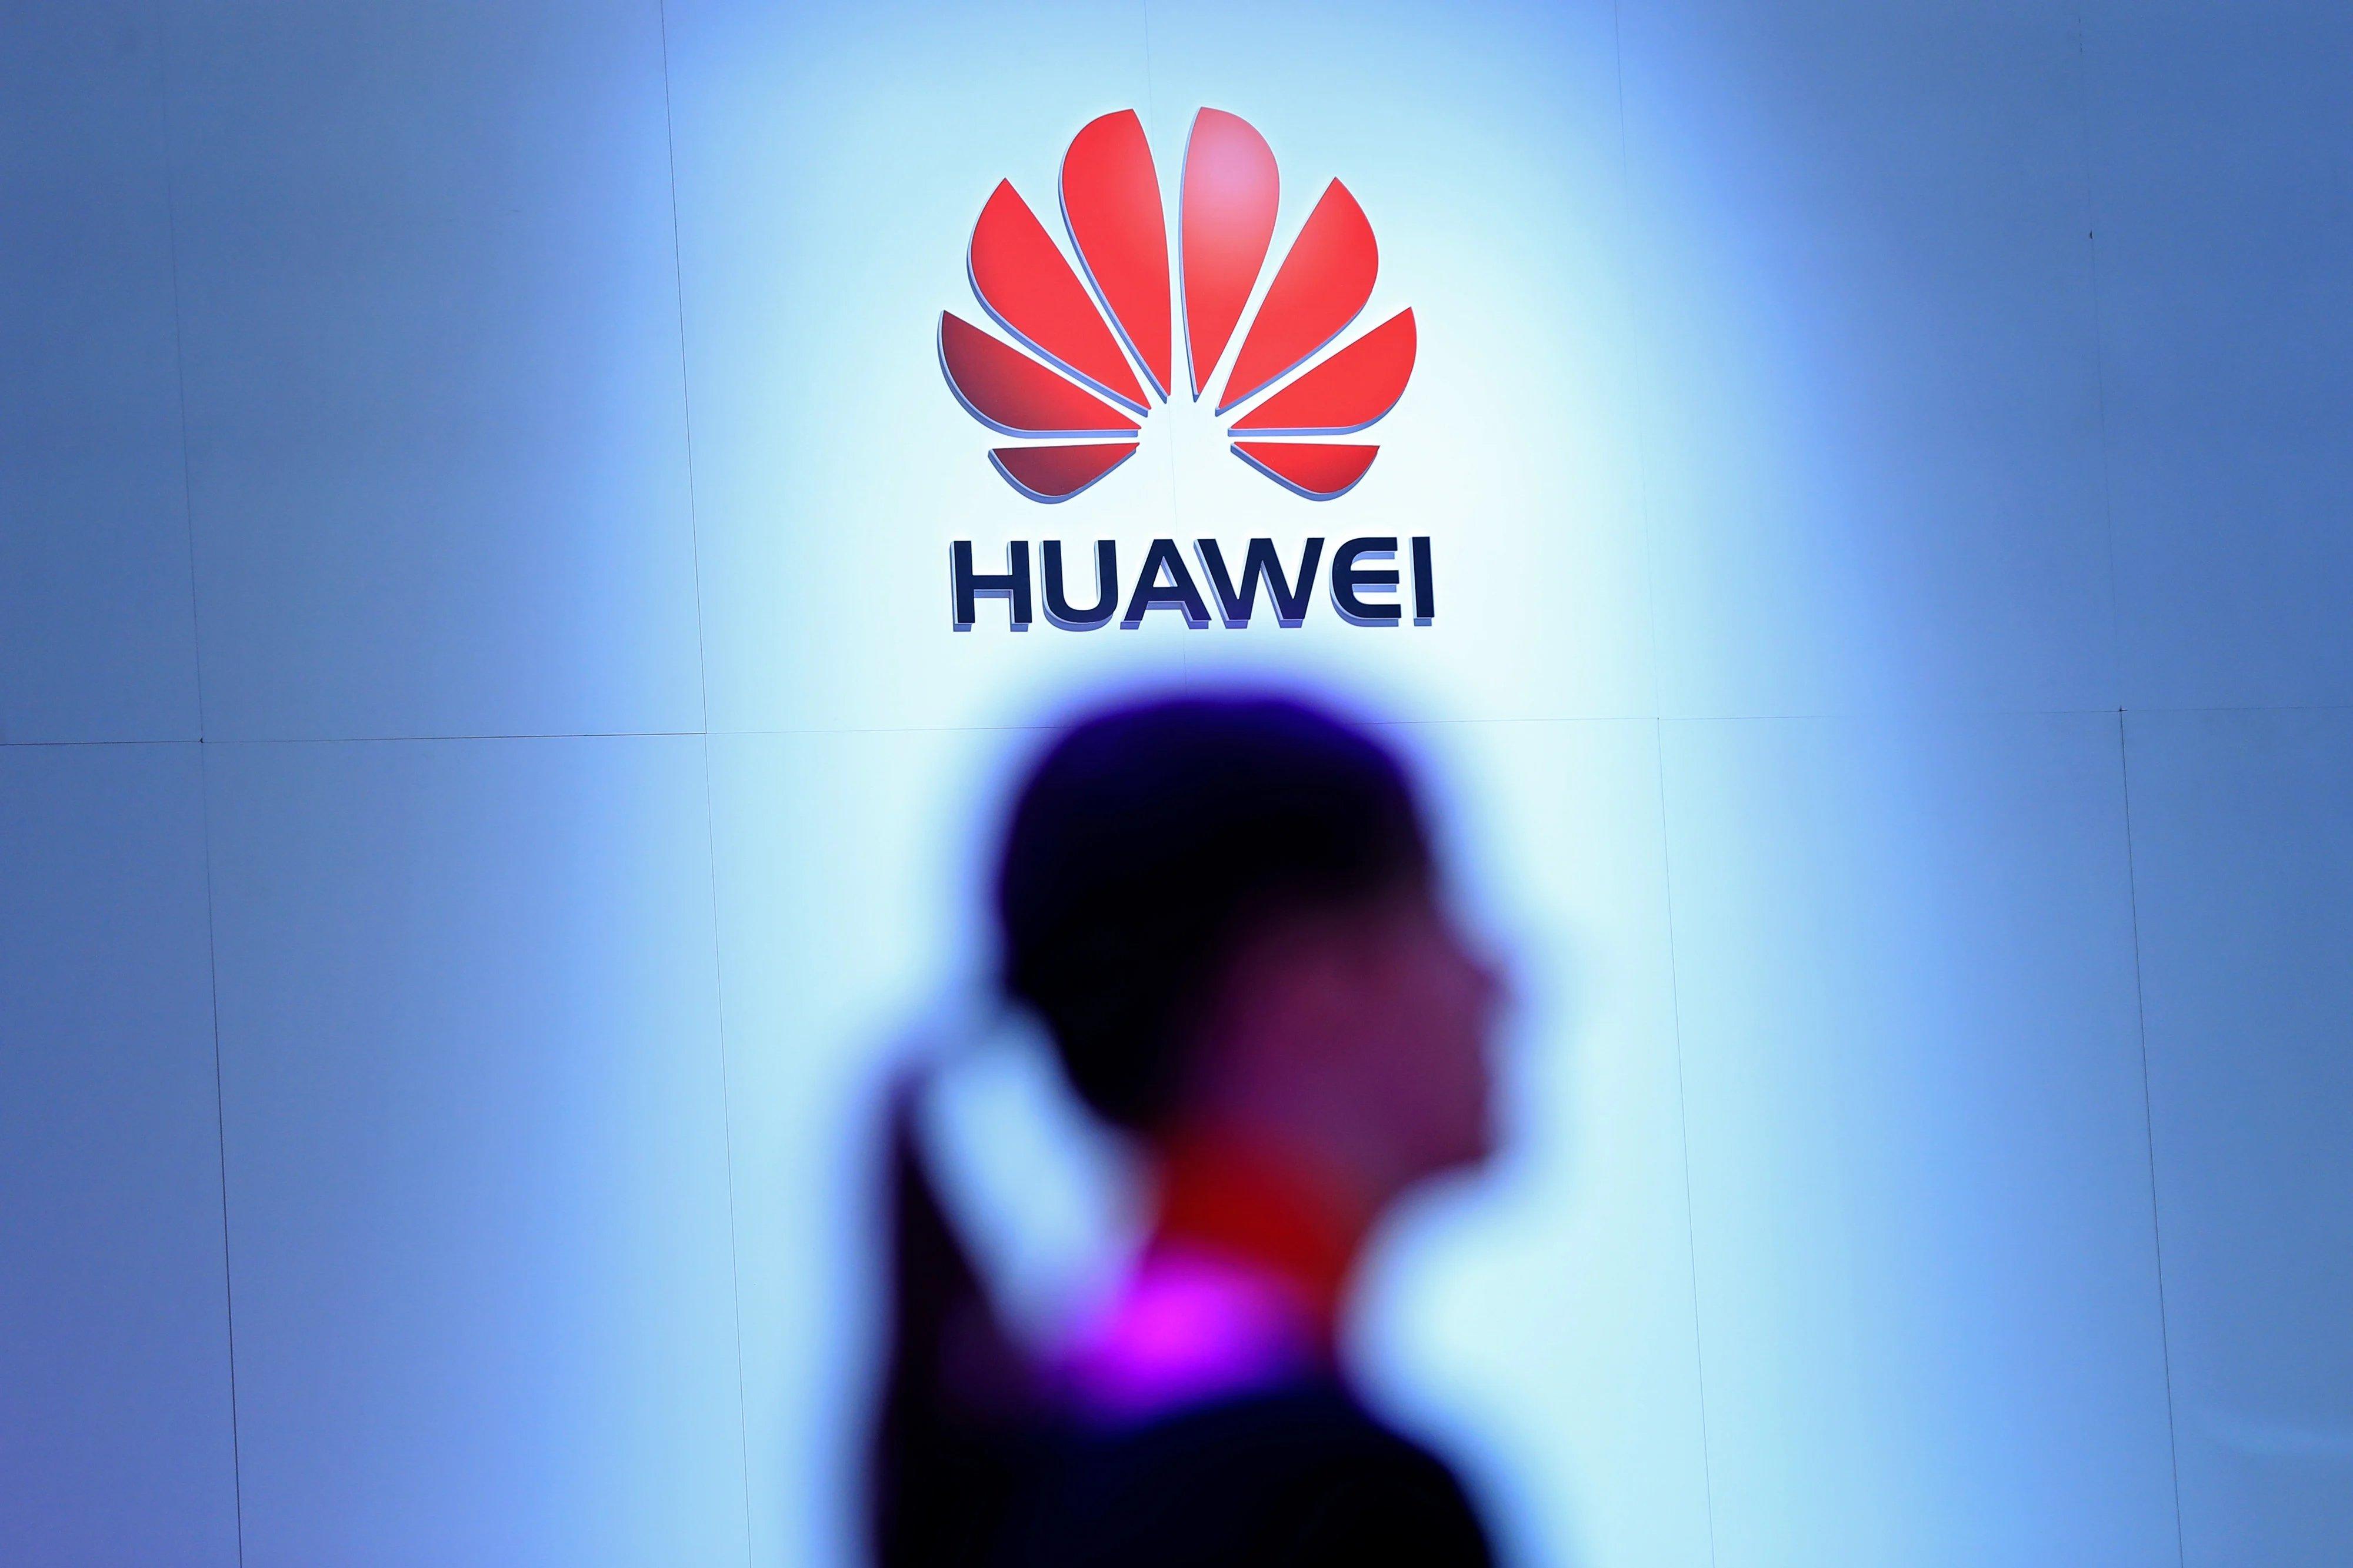 Huawei com pessoa por baixo do logo